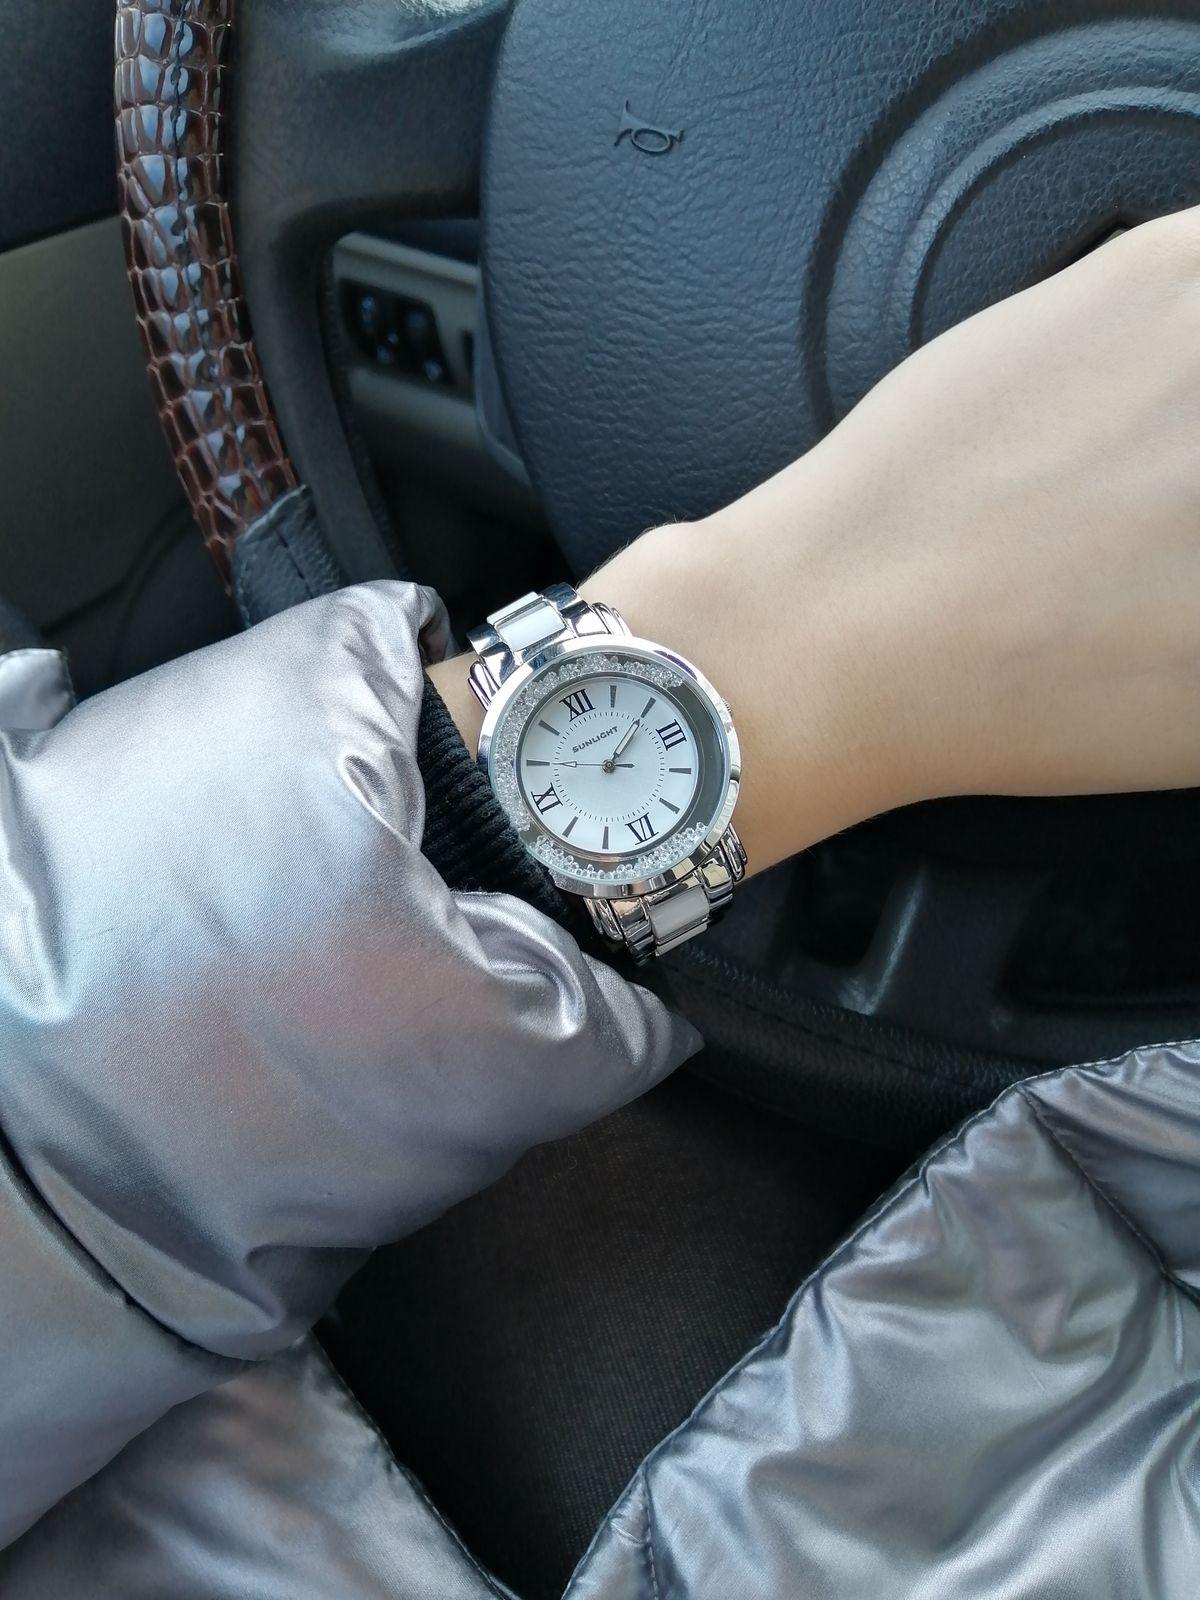 Долго искала себе часы и наконец-то нашла)